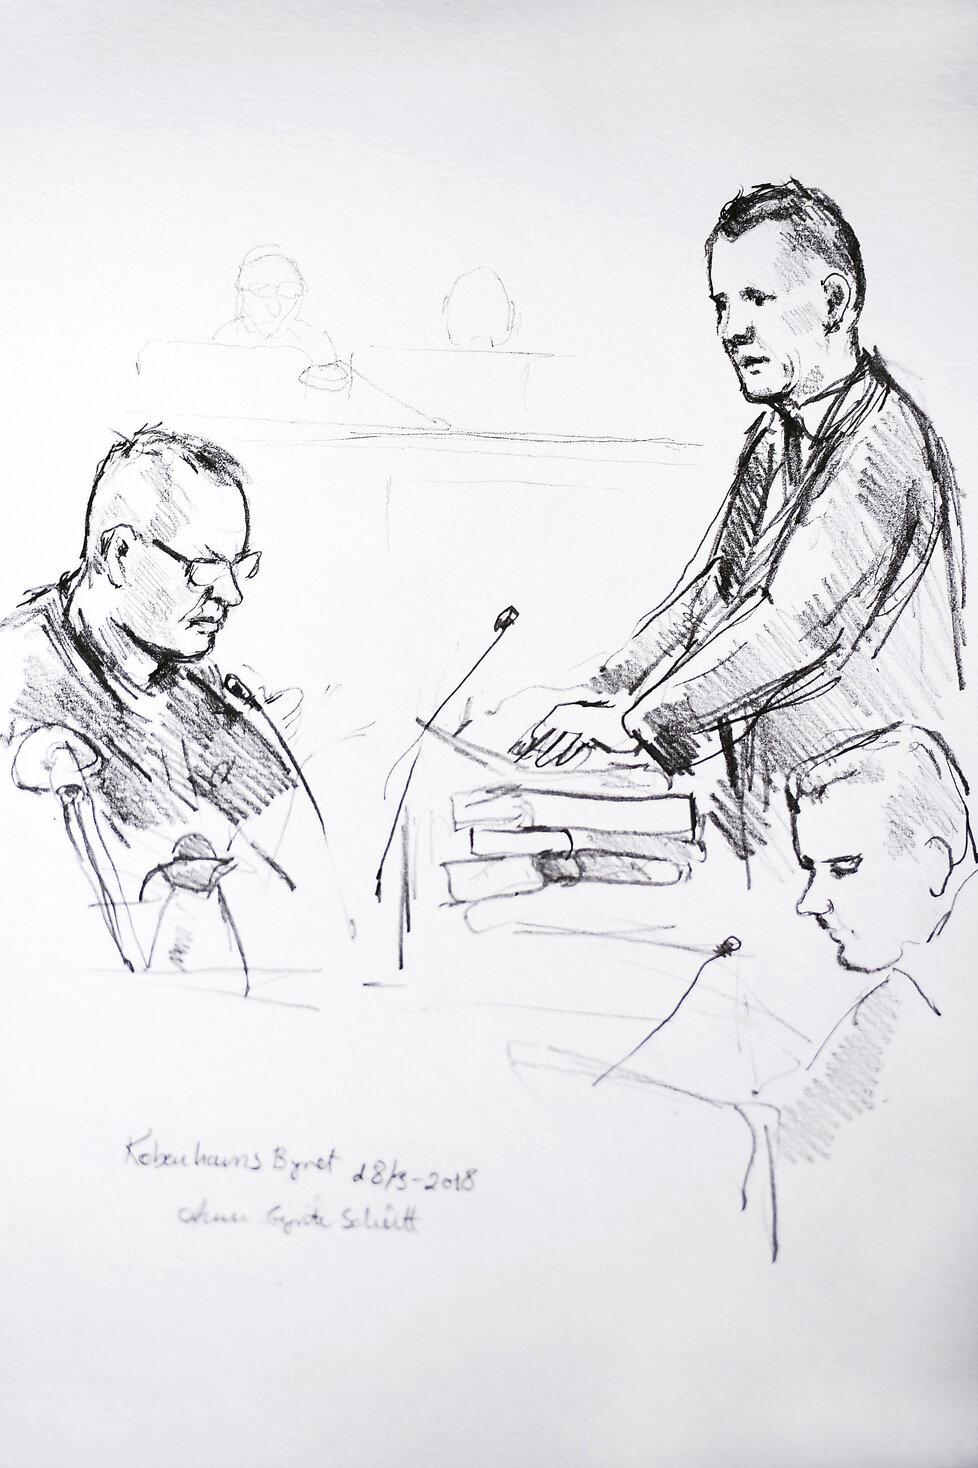 Skica ze soudního přelíčení s Peterem Madsenem.